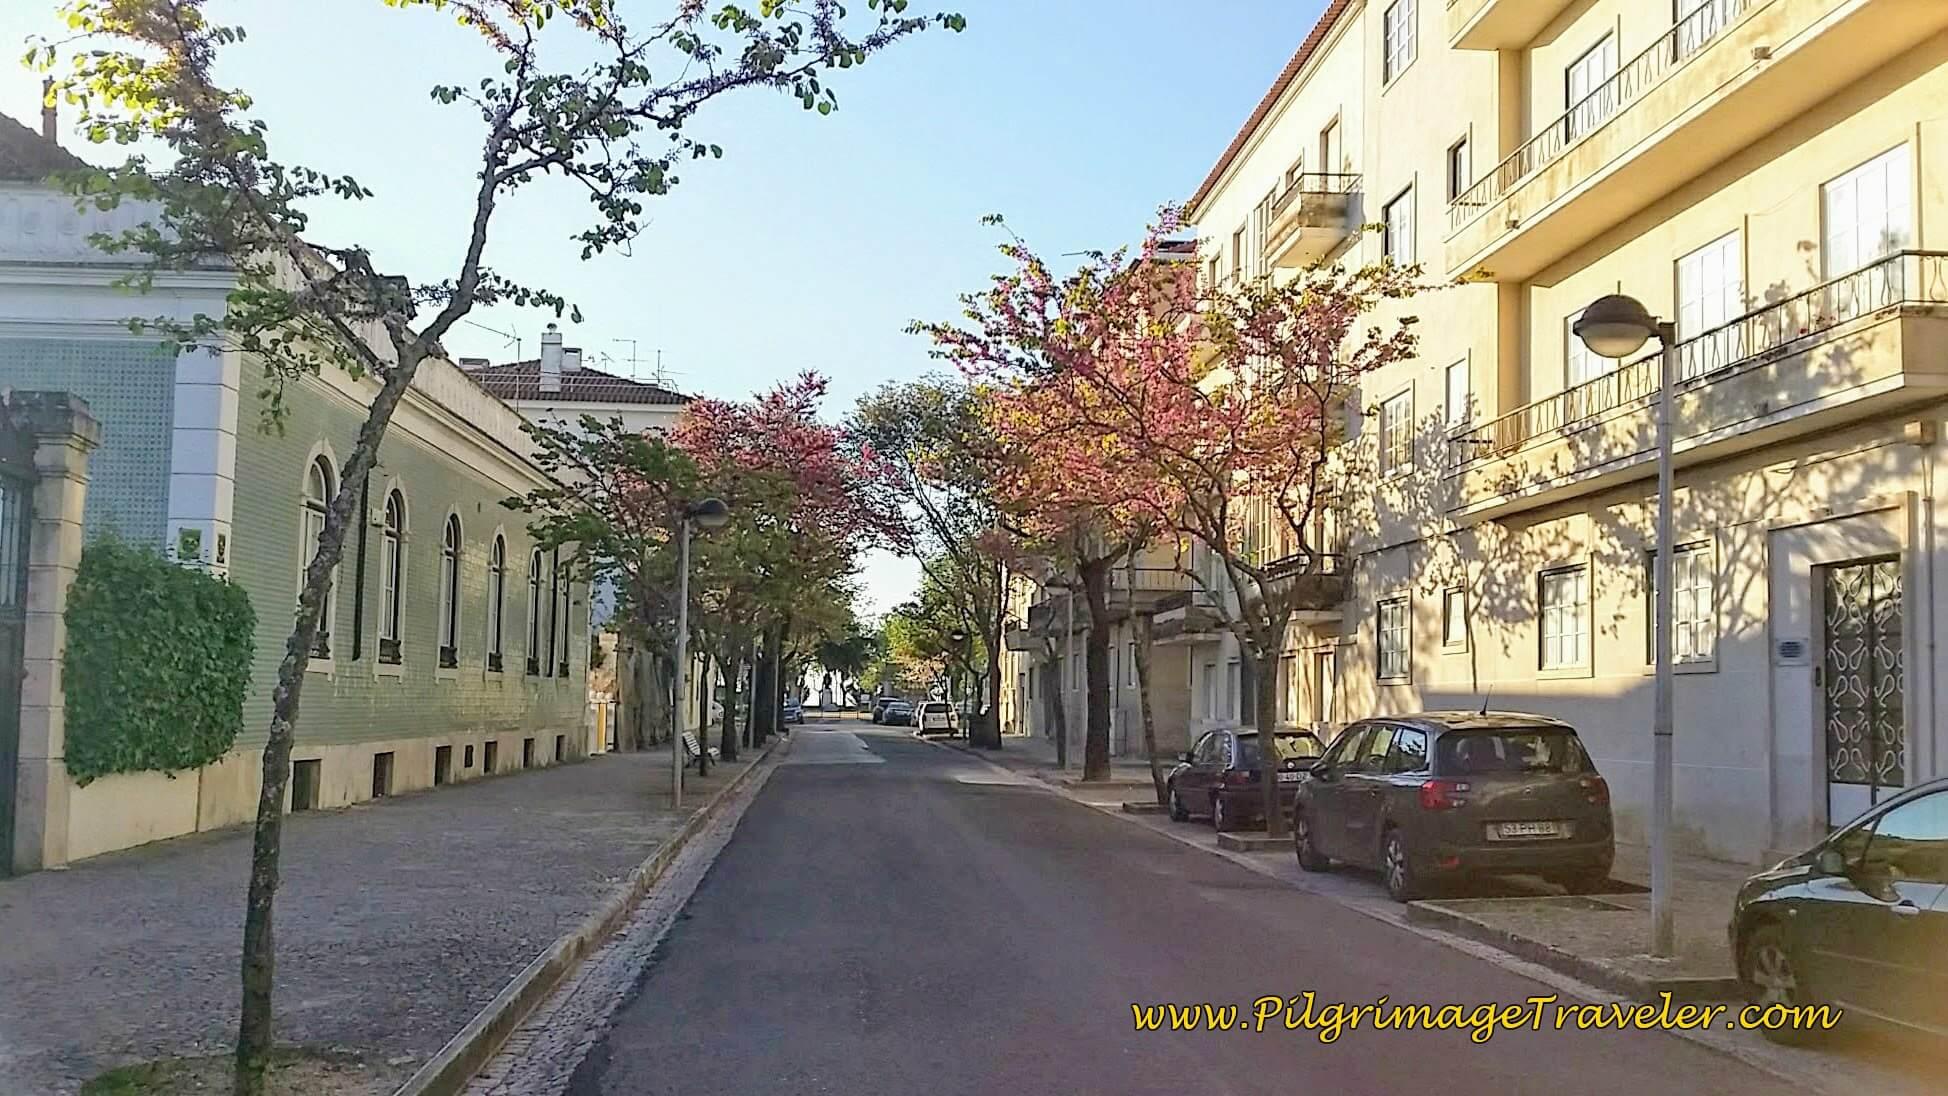 Approaching the Portas do Sol on the Avenida 5 de Outubro, Santarém, Portugal